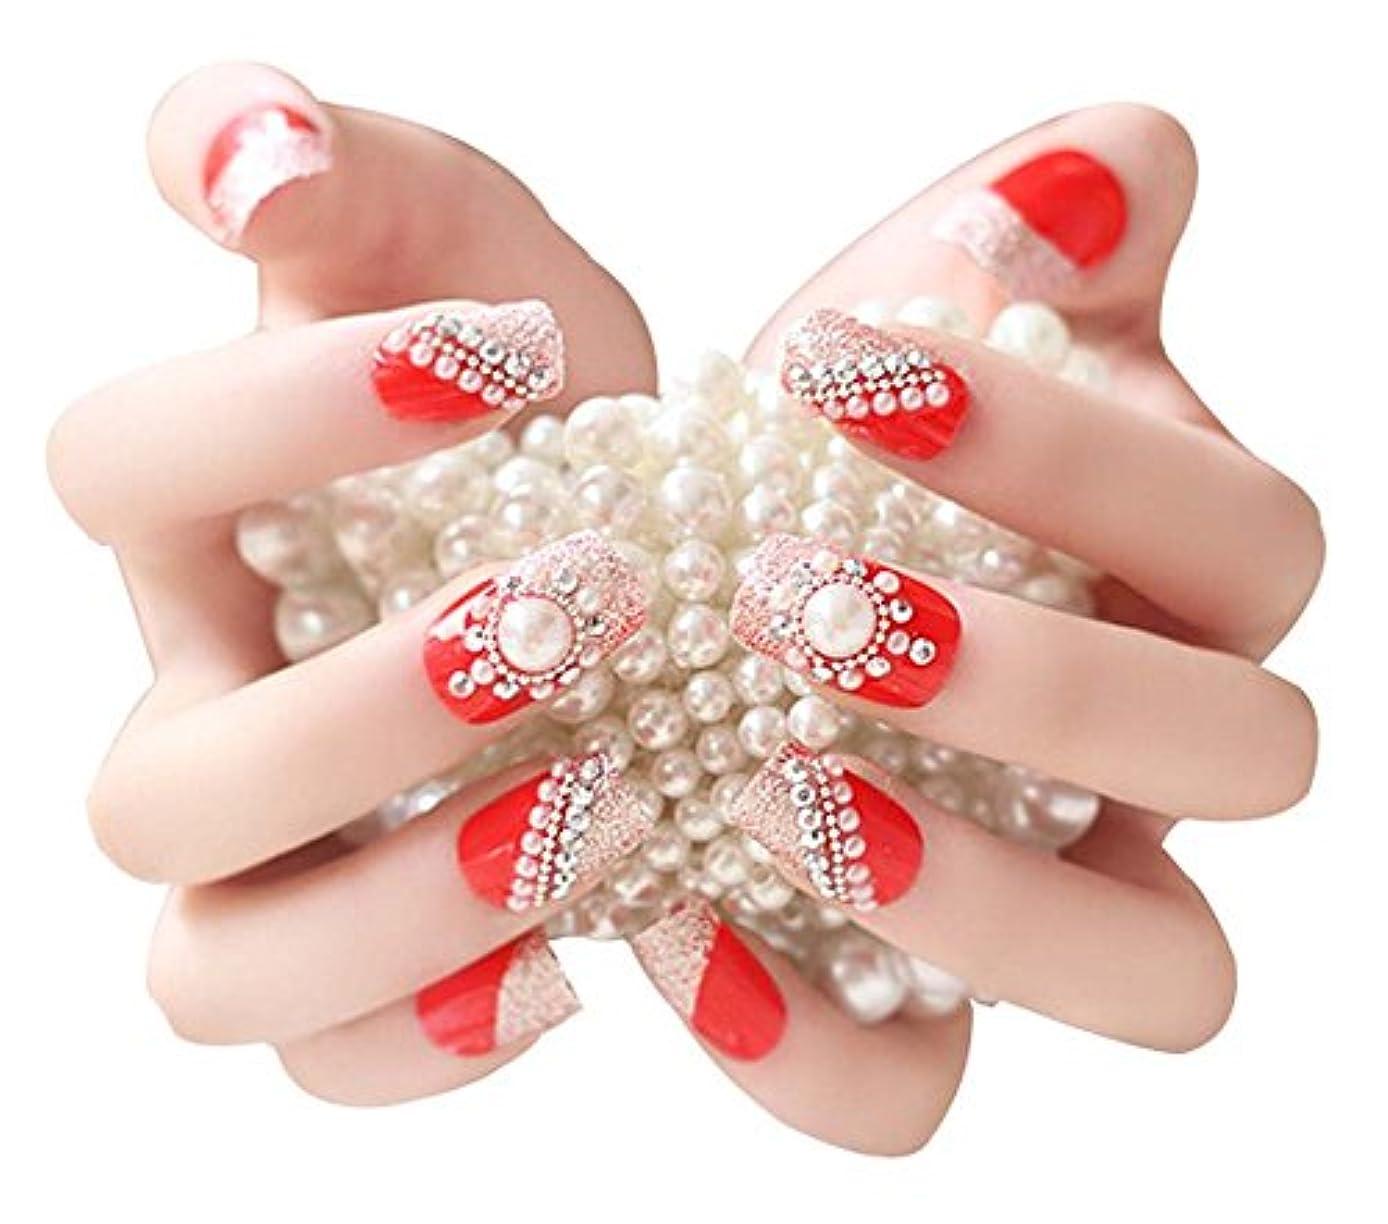 ポータブル証明精度人工真珠ラインストーンつけ爪結婚式のメイクアップネイルアート、赤、2パック - 48枚